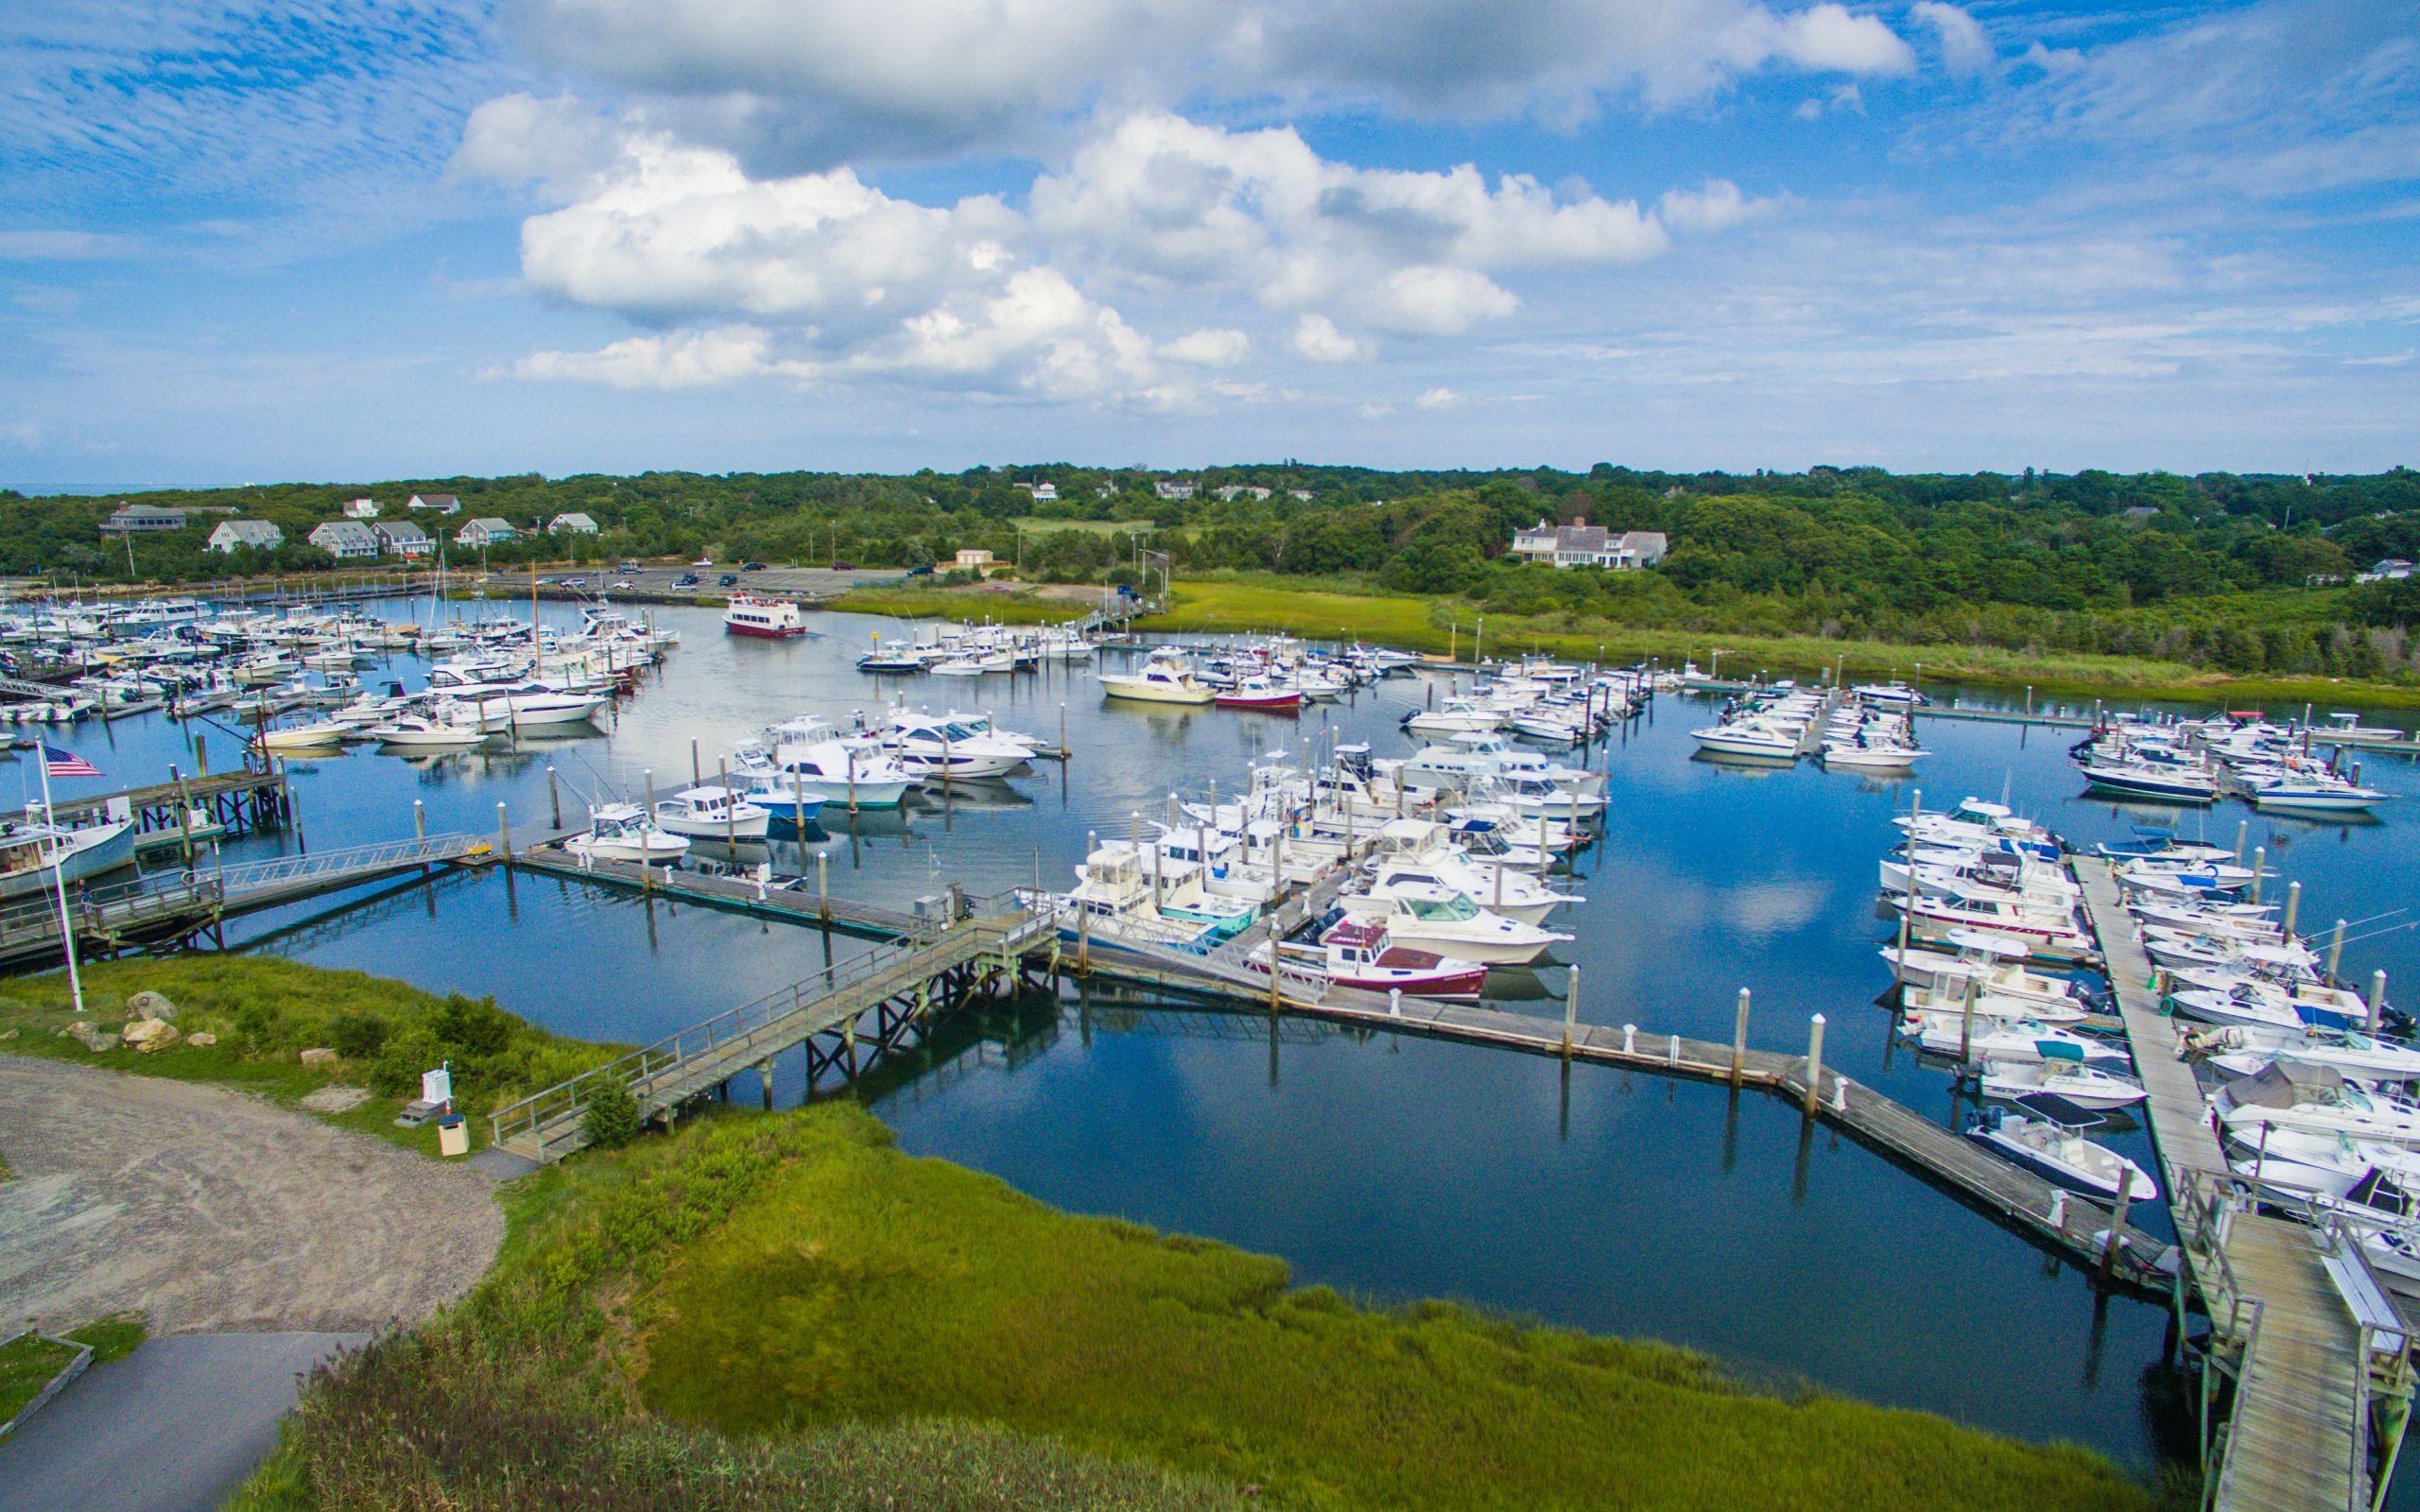 Sesuit Harbor Marina